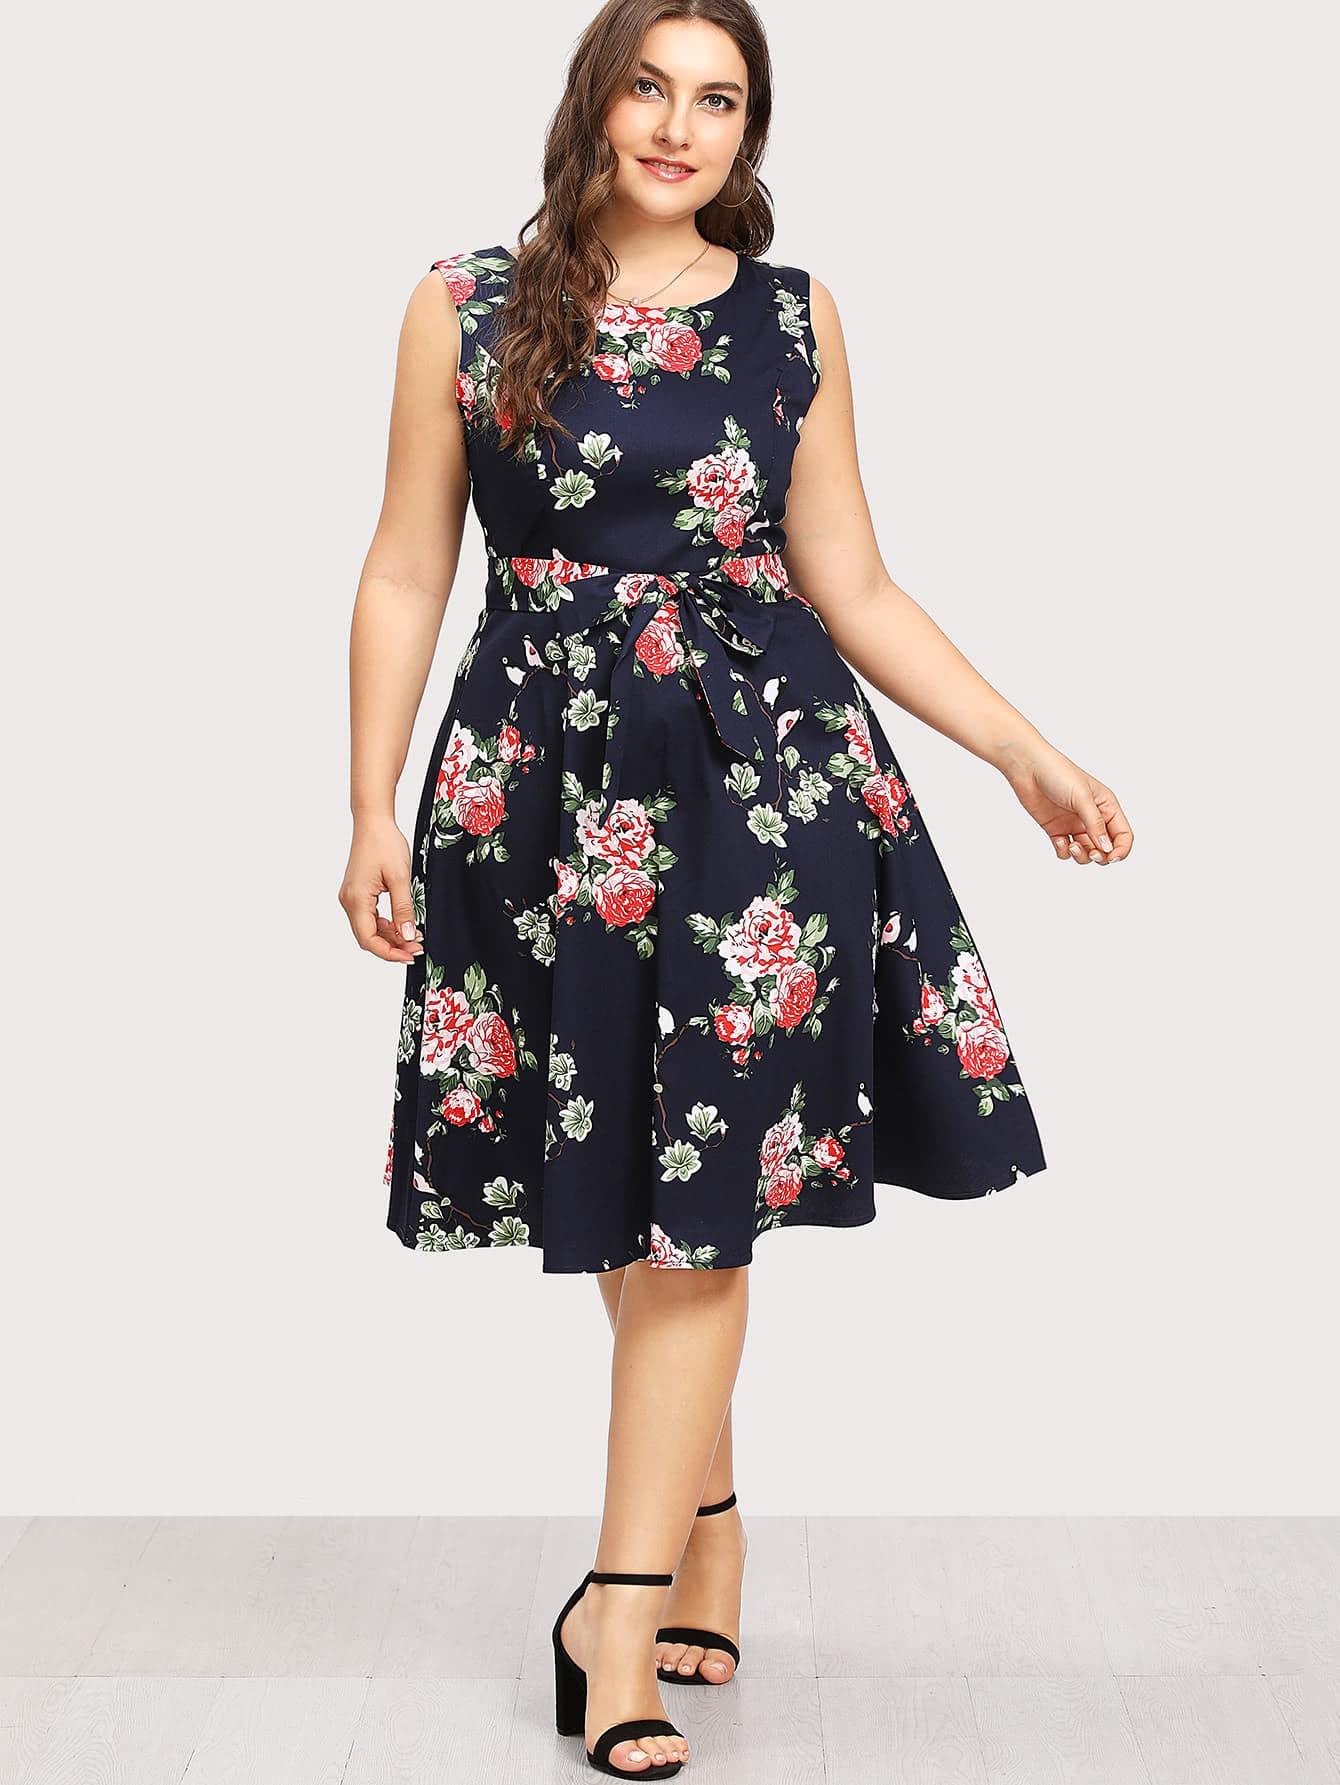 Купить Модное платье с поясом и цветочным принтом, Franziska, SheIn